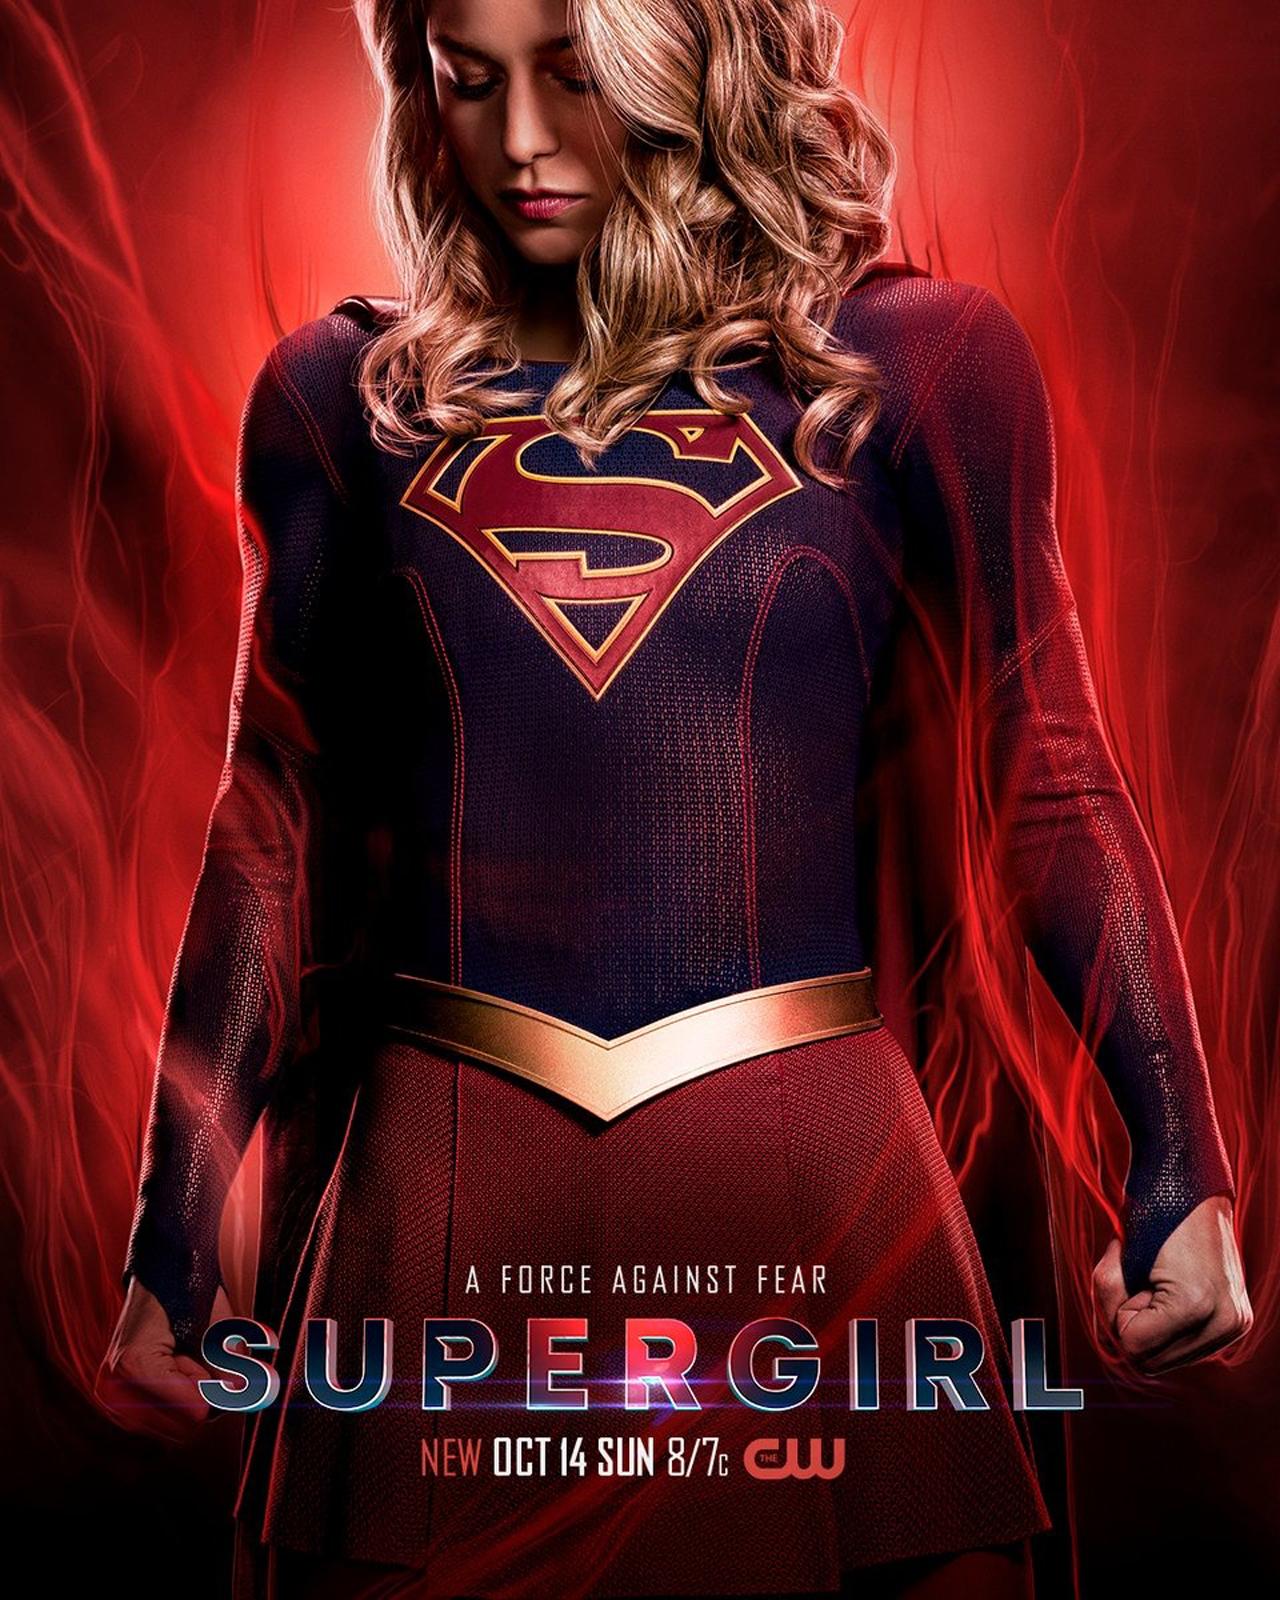 Supergirl Saison 4 Vf : supergirl, saison, Supergirl, Saison, AlloCiné